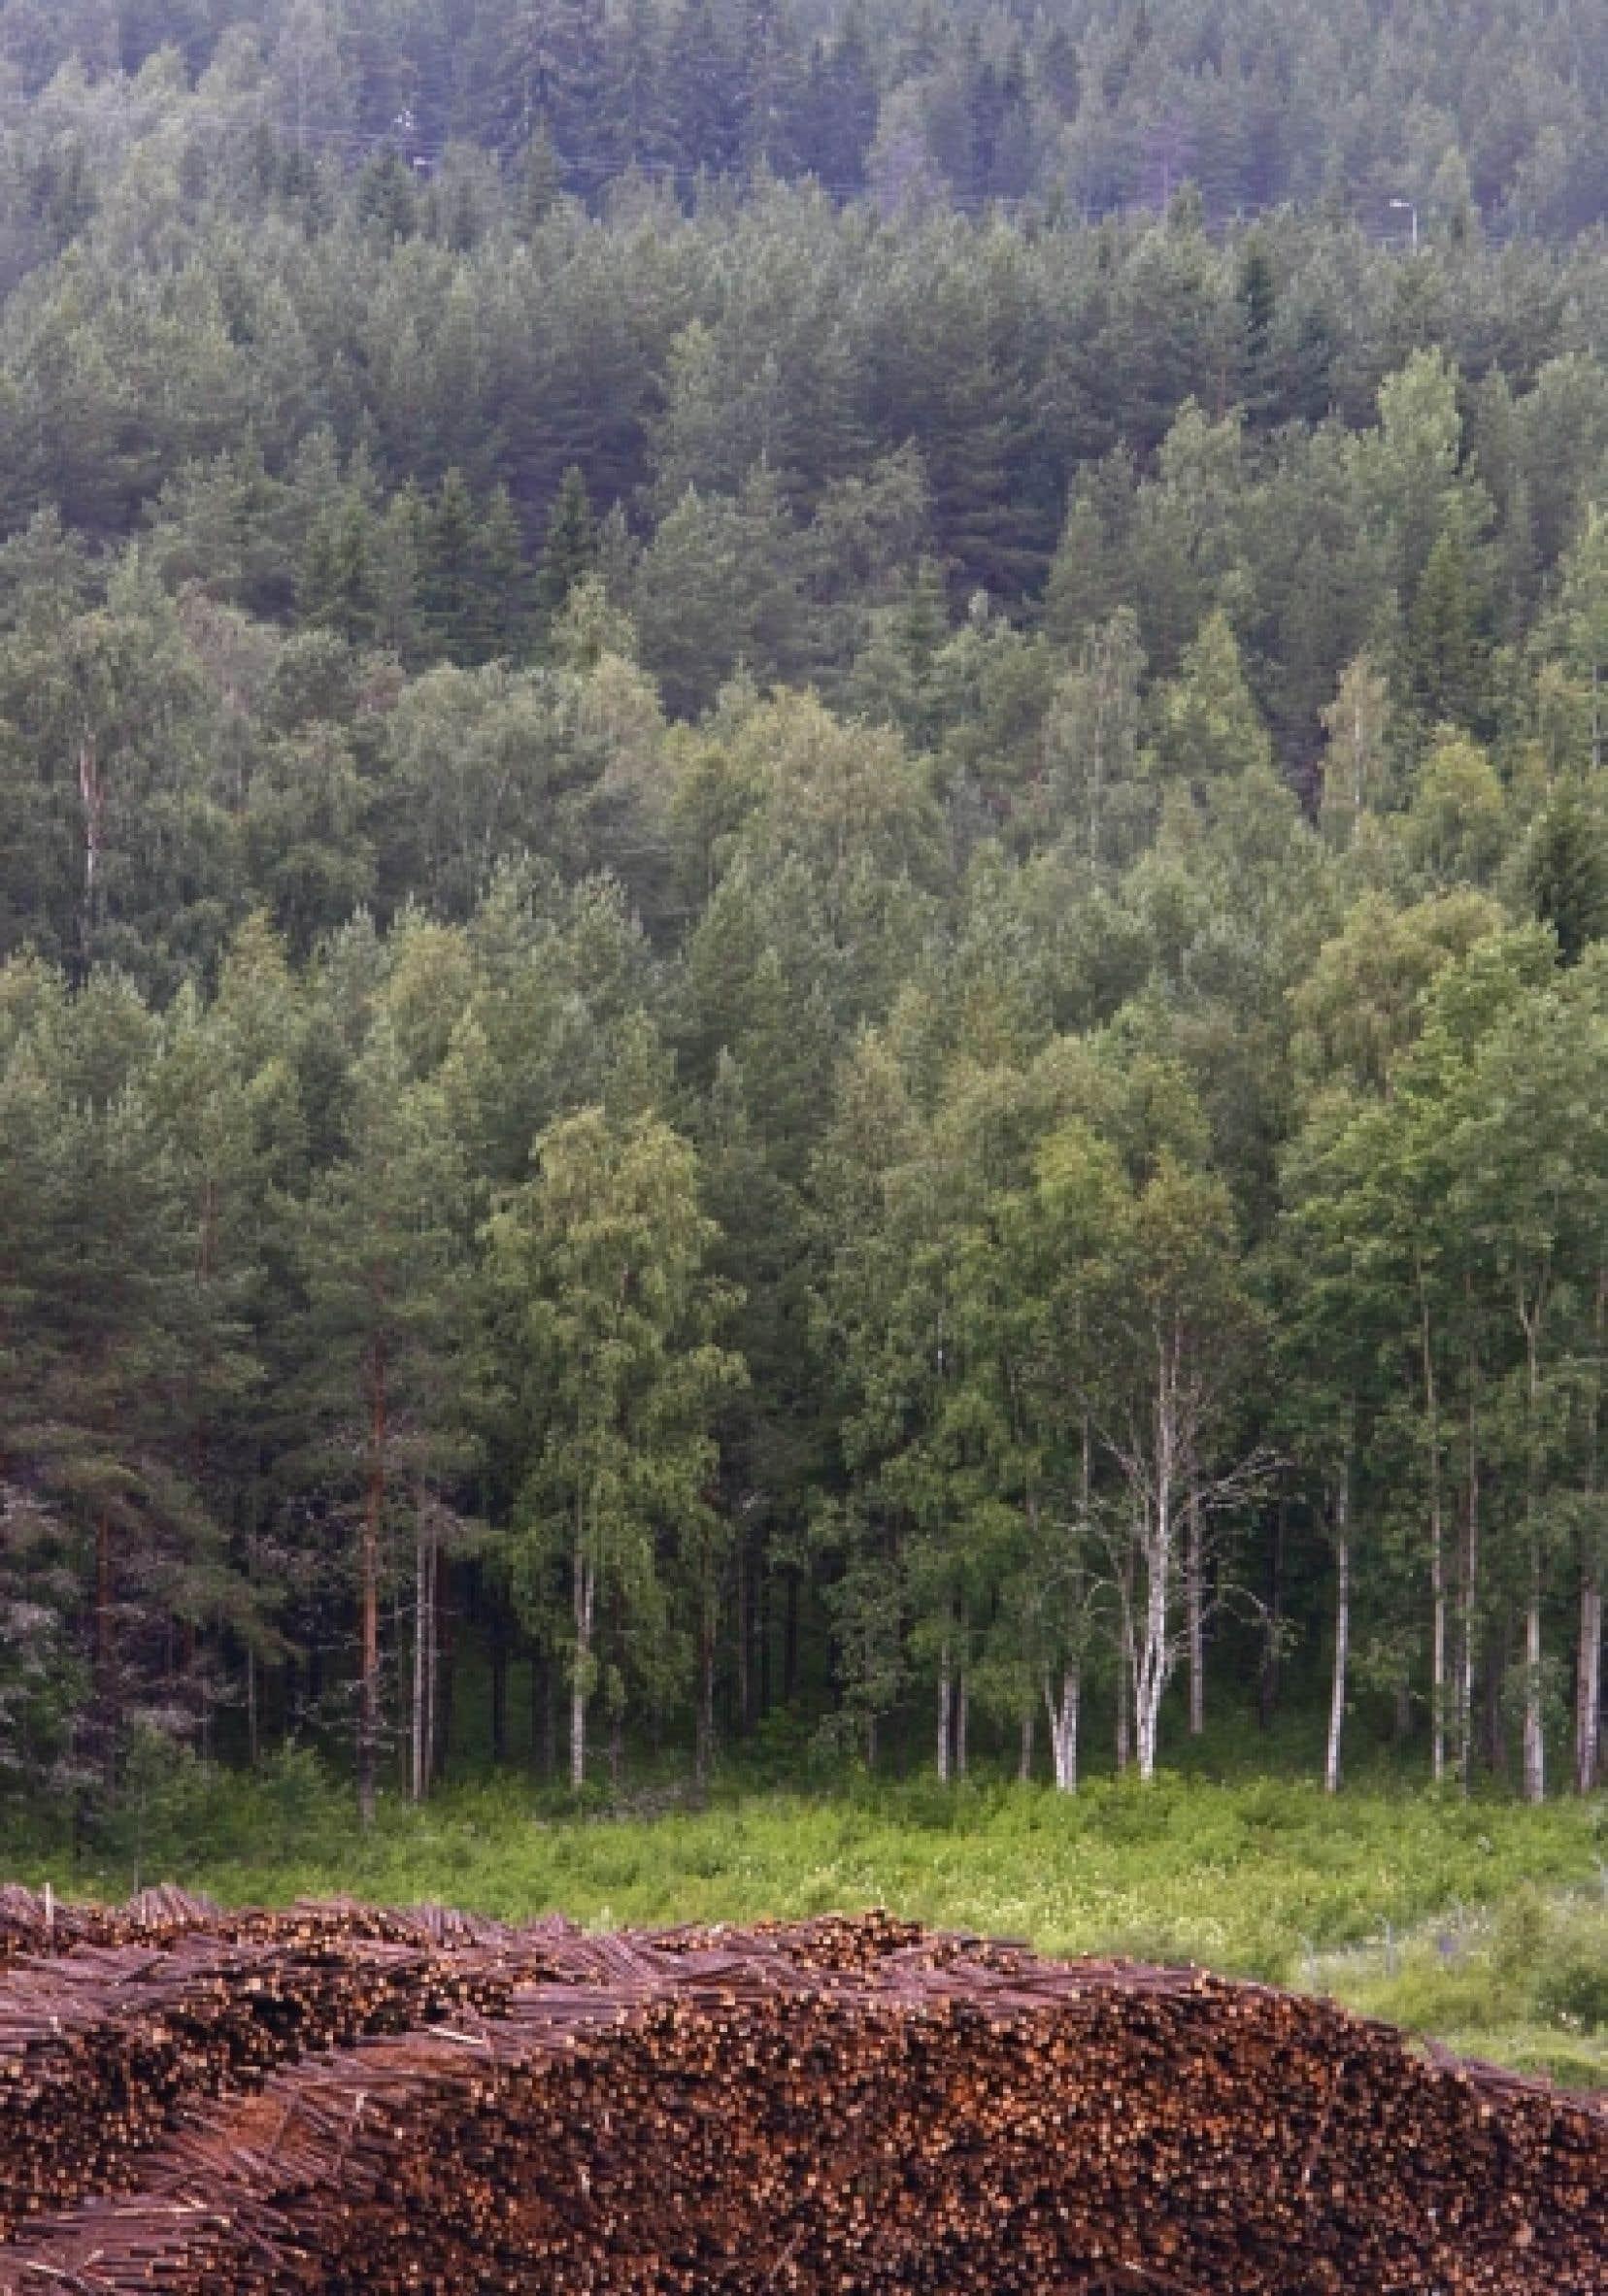 Au Québec, on n'intègre pas encore aux plans de coupe forestière les calculs qui optimiseraient la rétention d'eau afin de prévenir les pénuries estivales.<br />